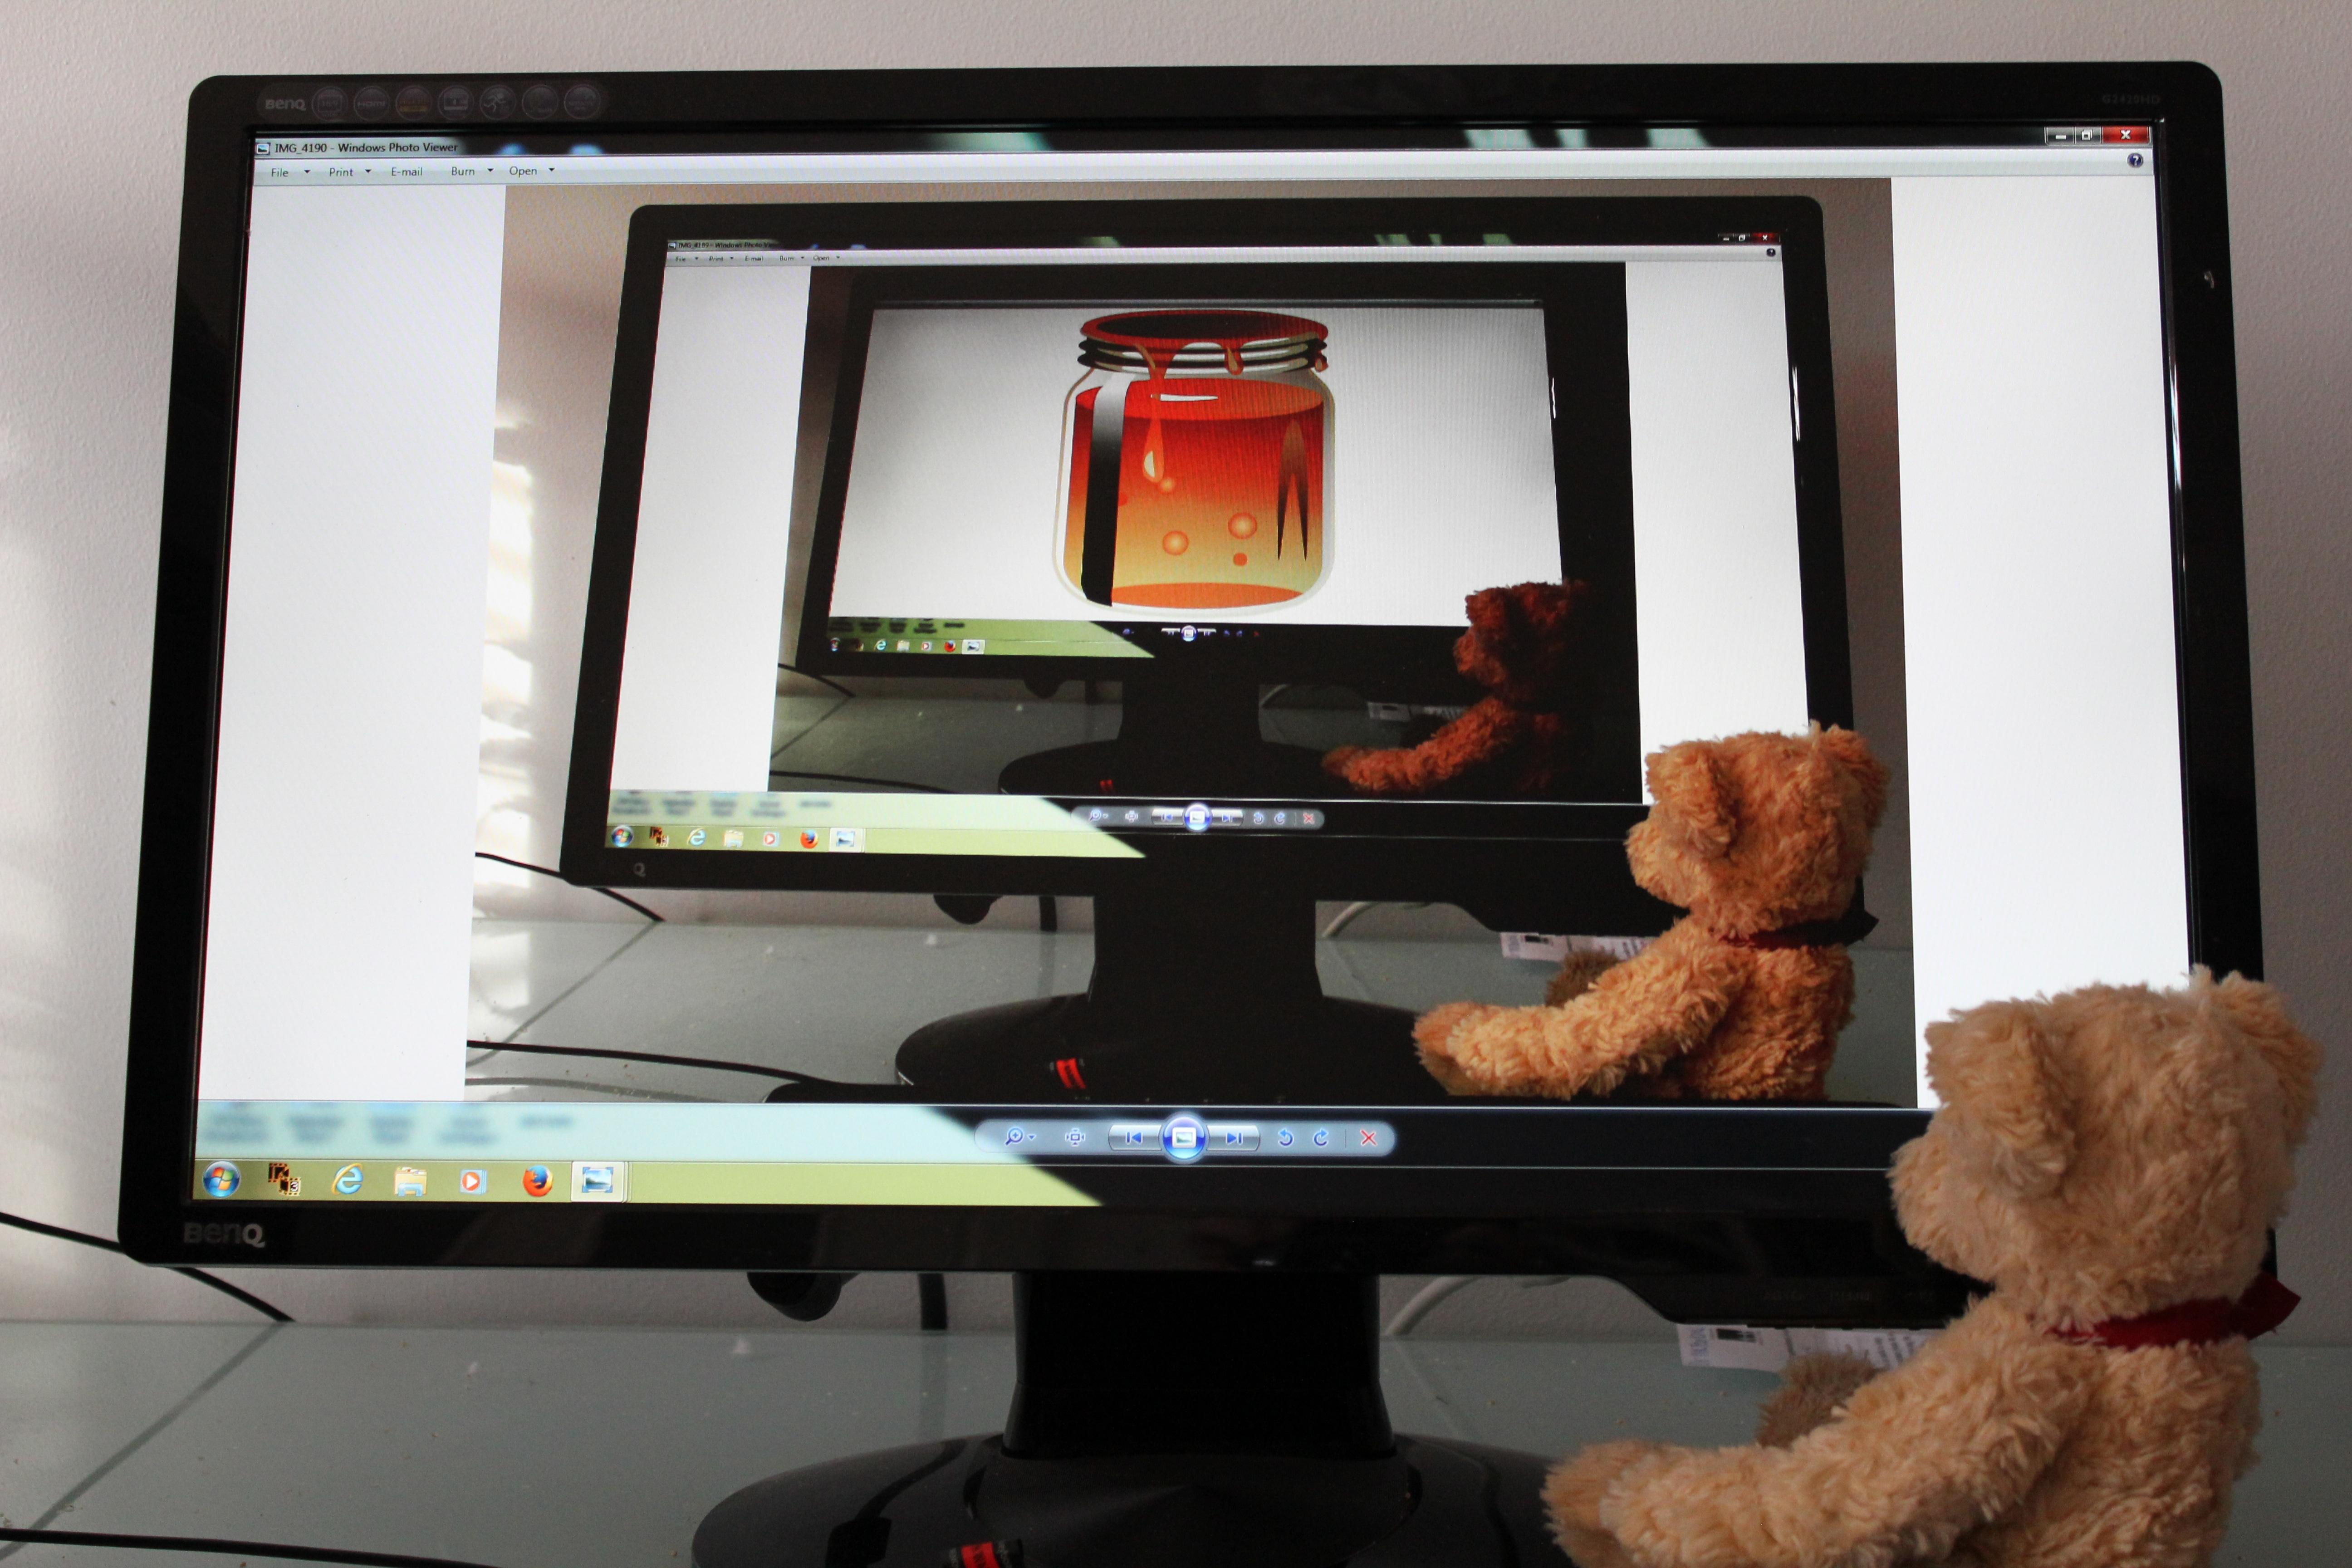 Fotos gratis tecnolog a miel tarro televisi n mueble - Mueble multimedia ...